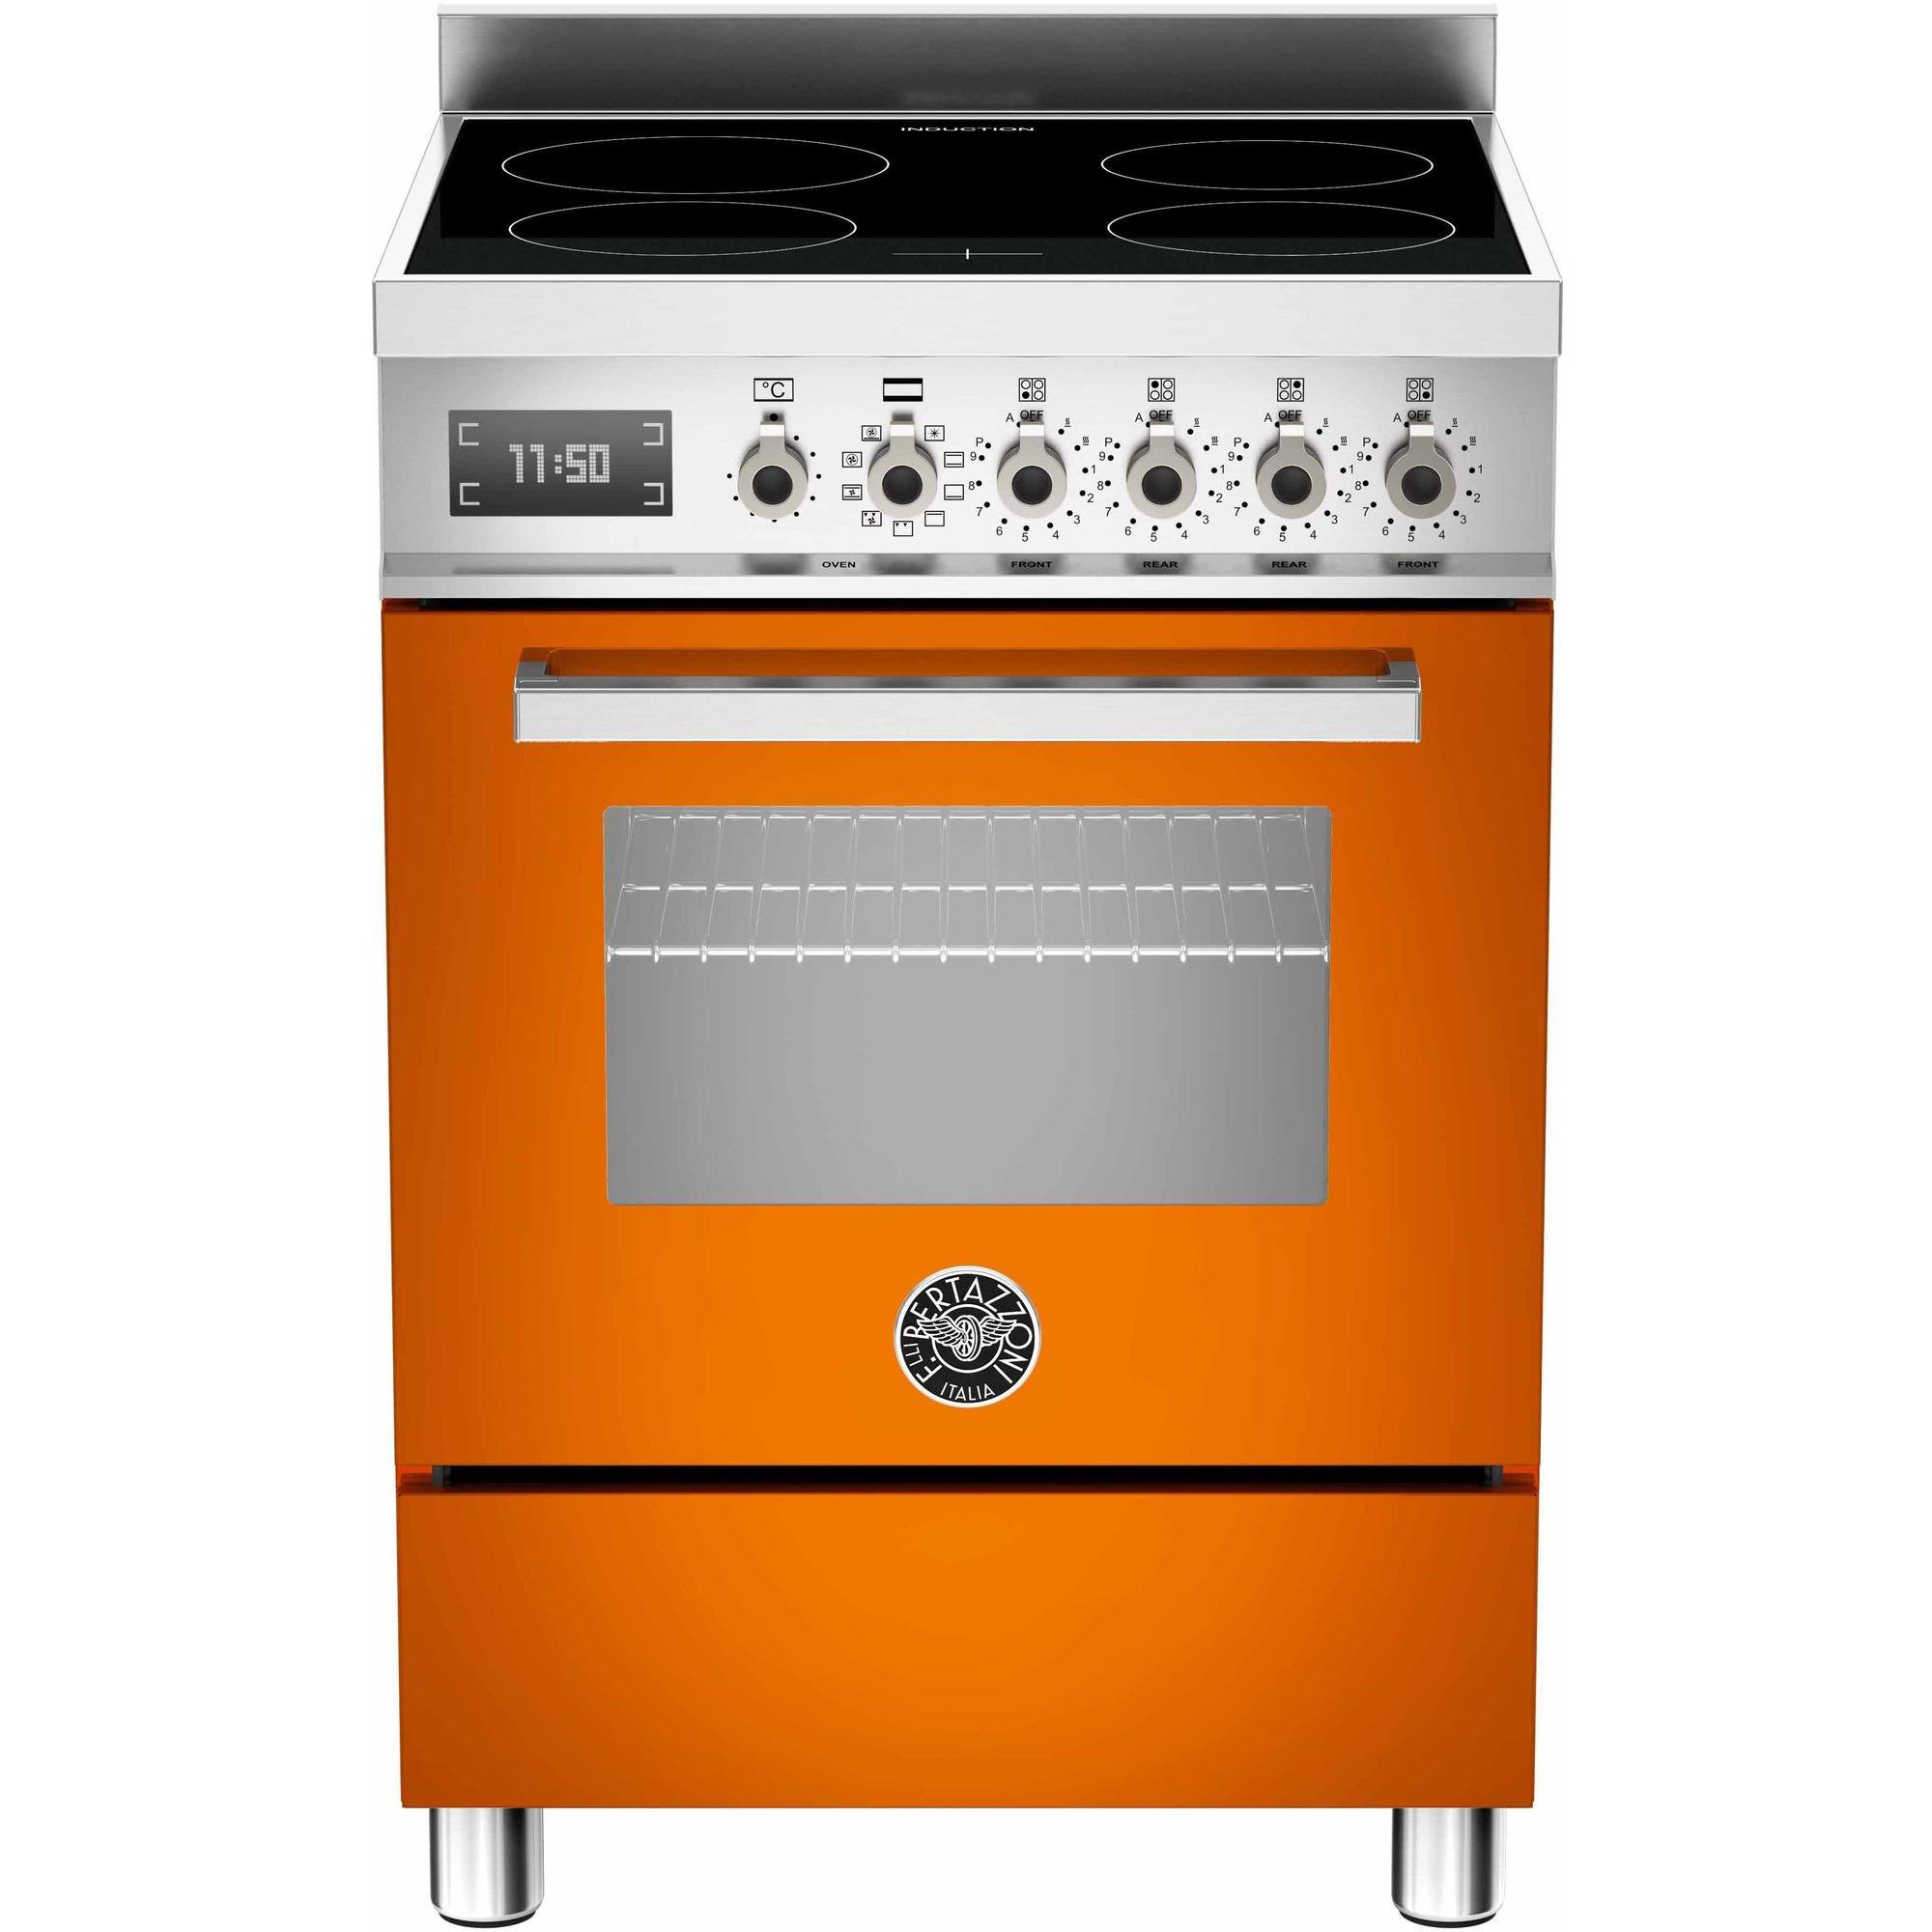 Bertazzoni PRO604 Induktionsspis 60 cm 1 ugn 4 zoner Orange